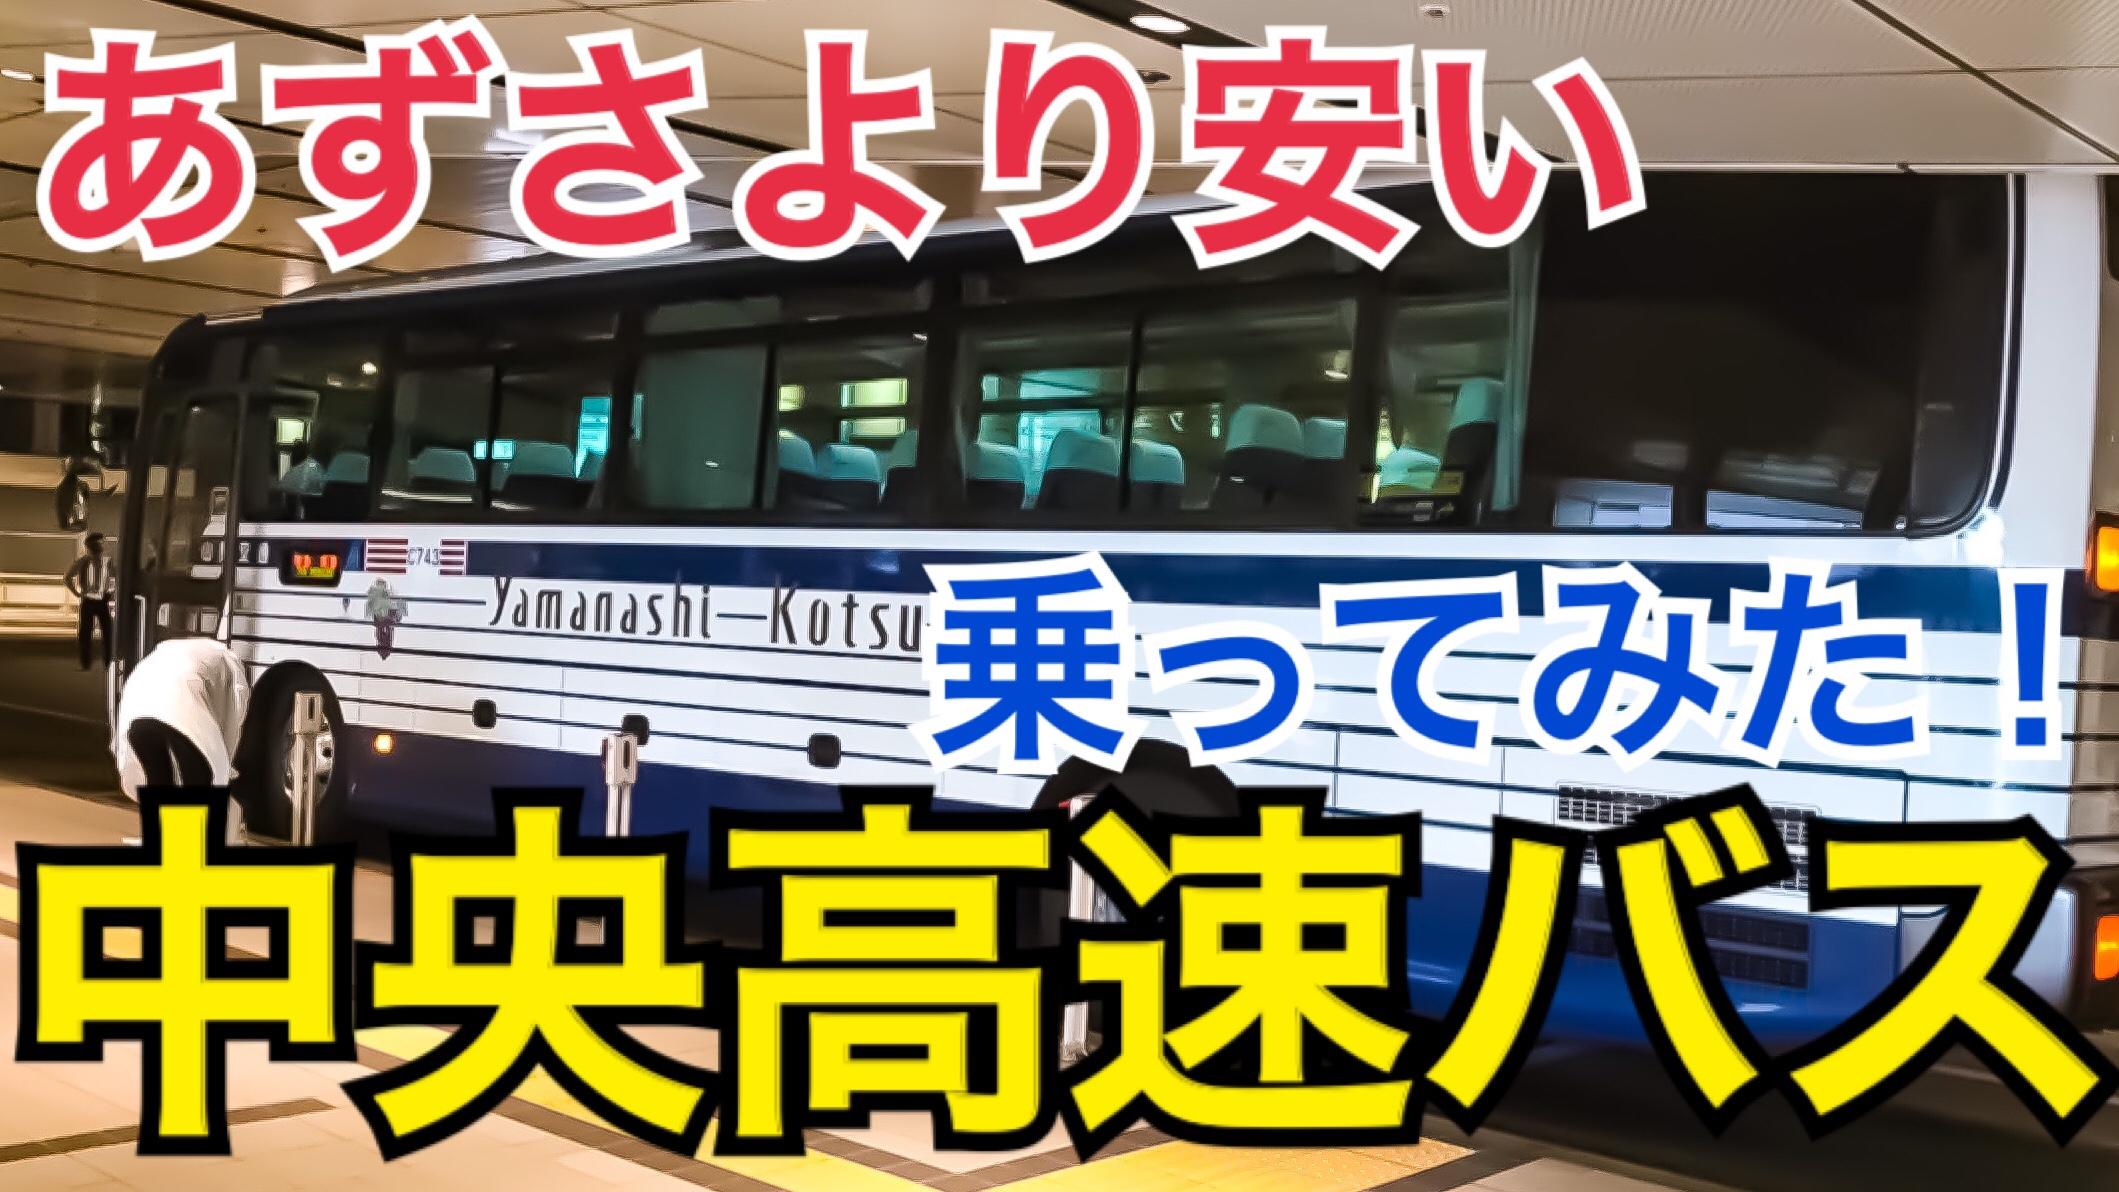 電車よりも安い!中央高速バスってどうなの?中央高速バスに乗ってみた!【身延線甲府の旅】